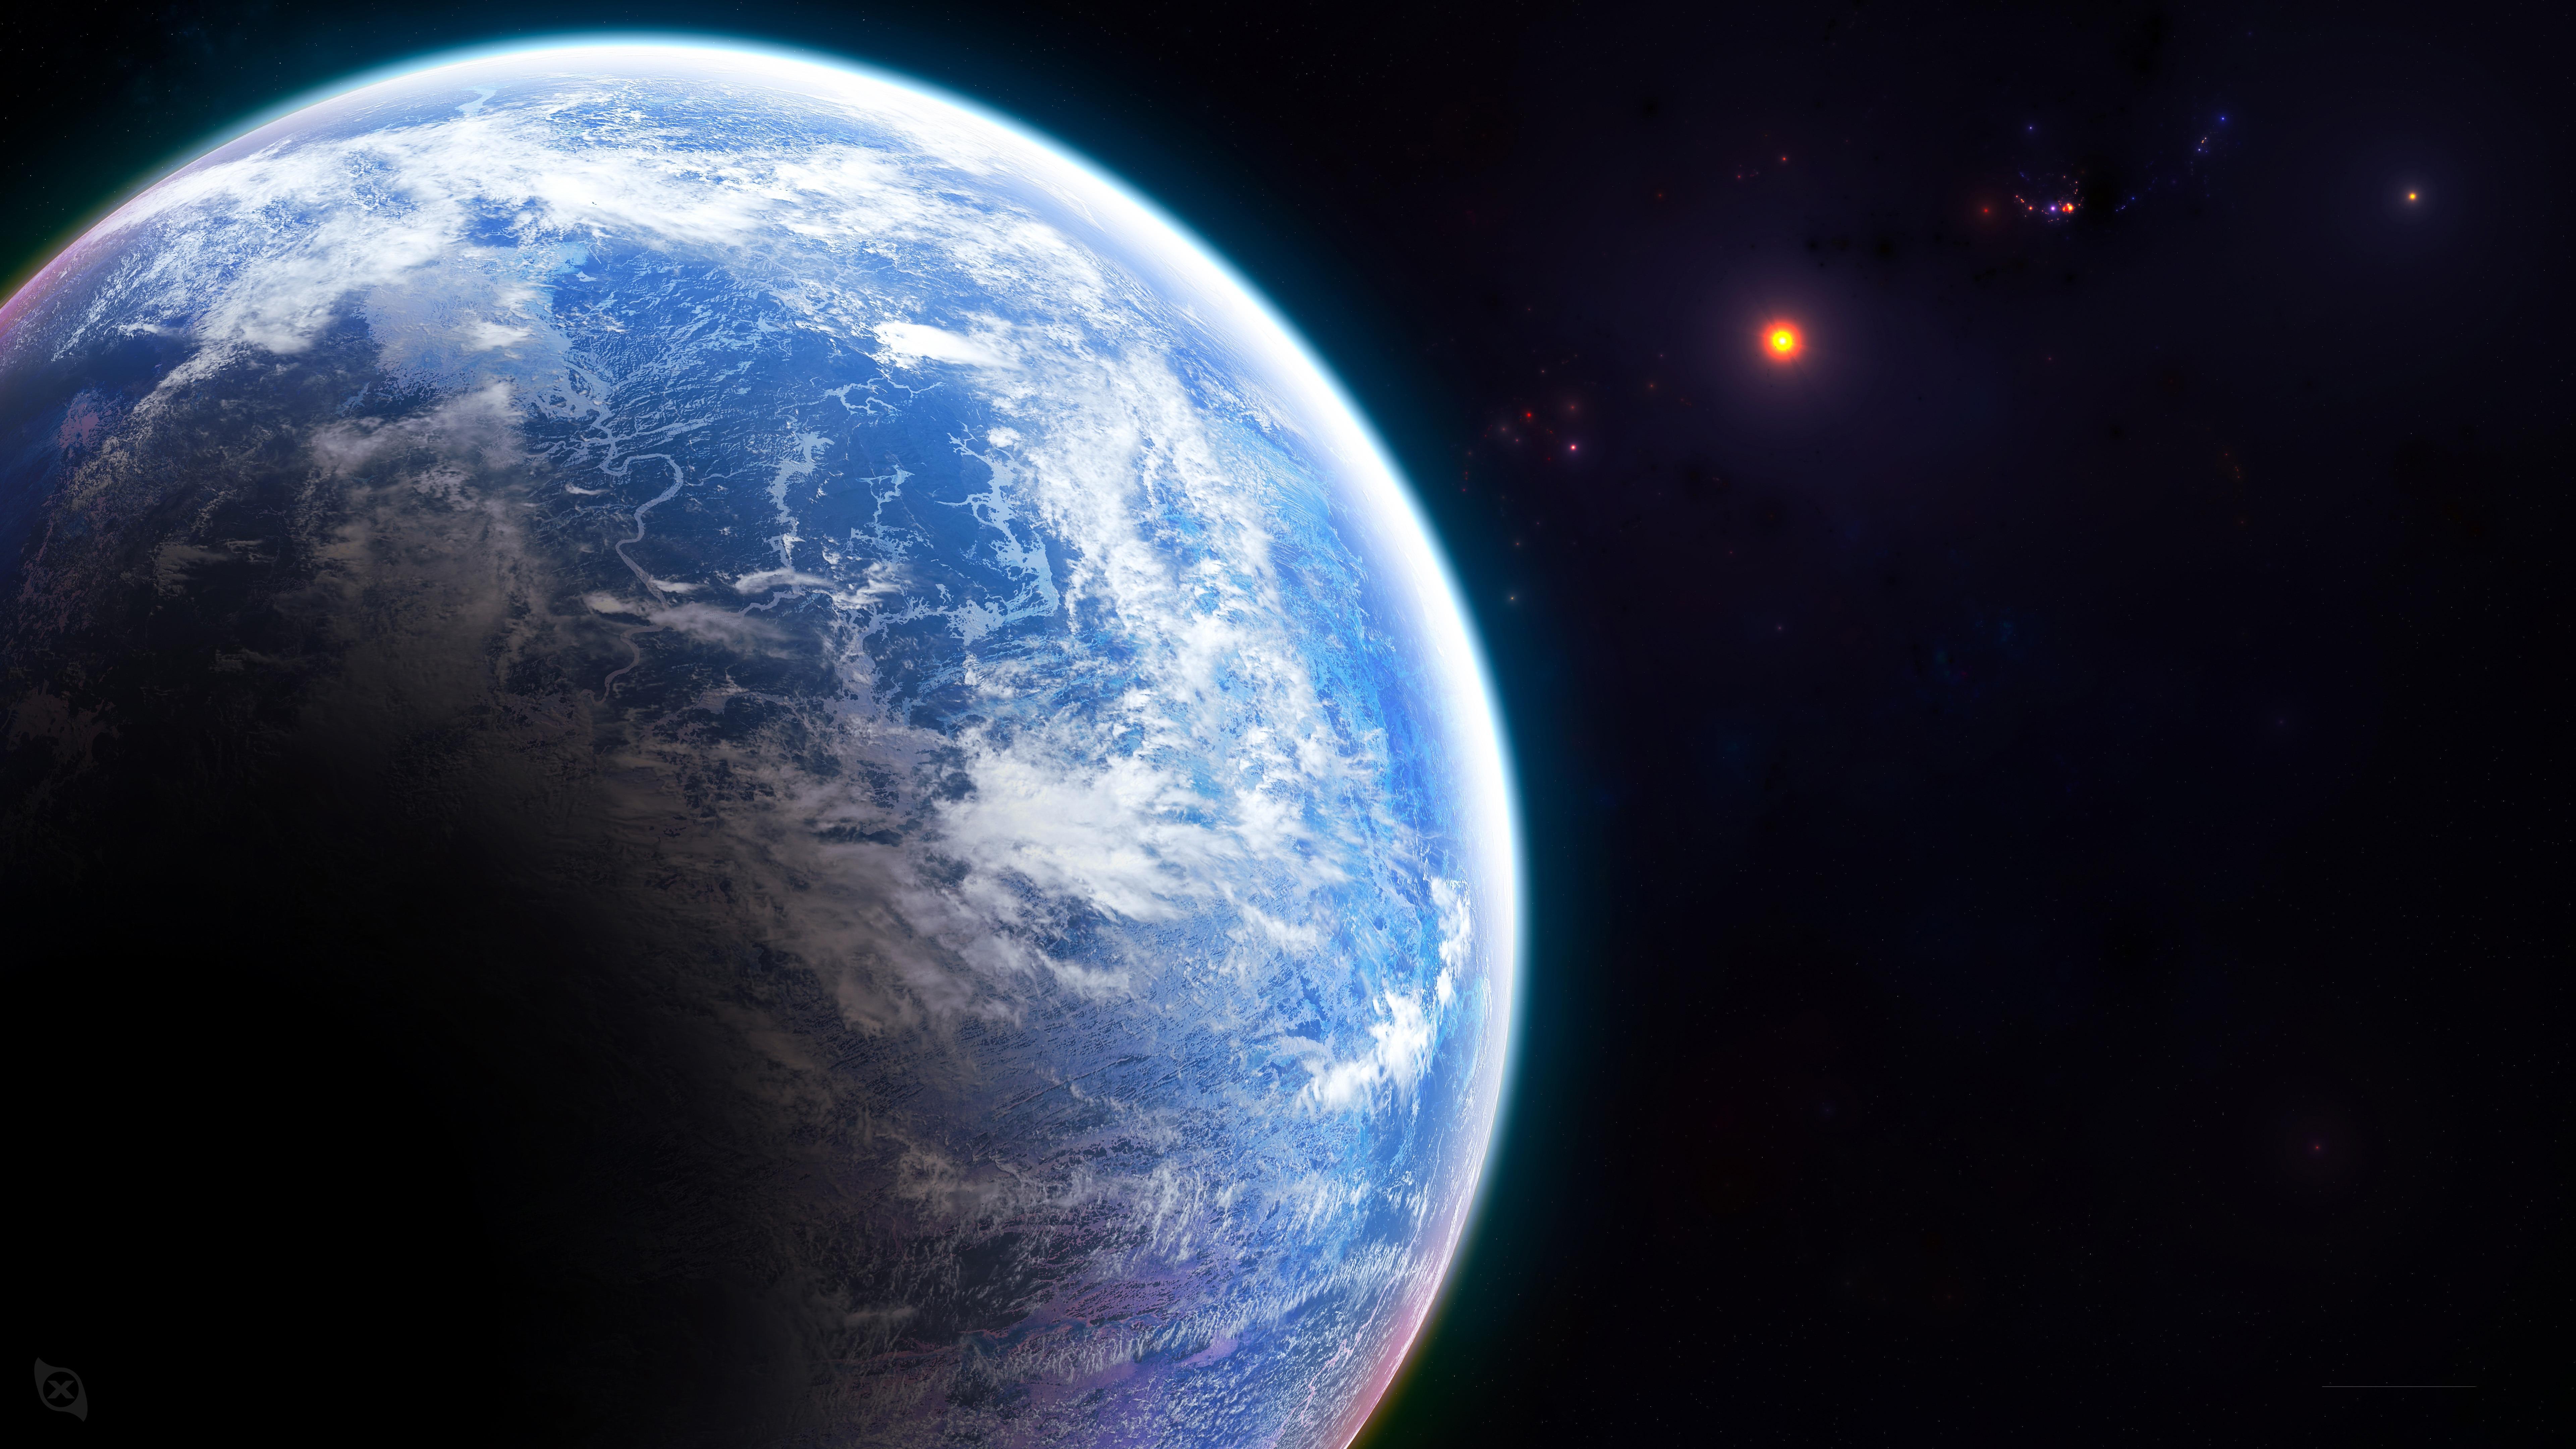 Earth Planet 8K UltraHD Wallpaper - backiee - Free Ultra ...